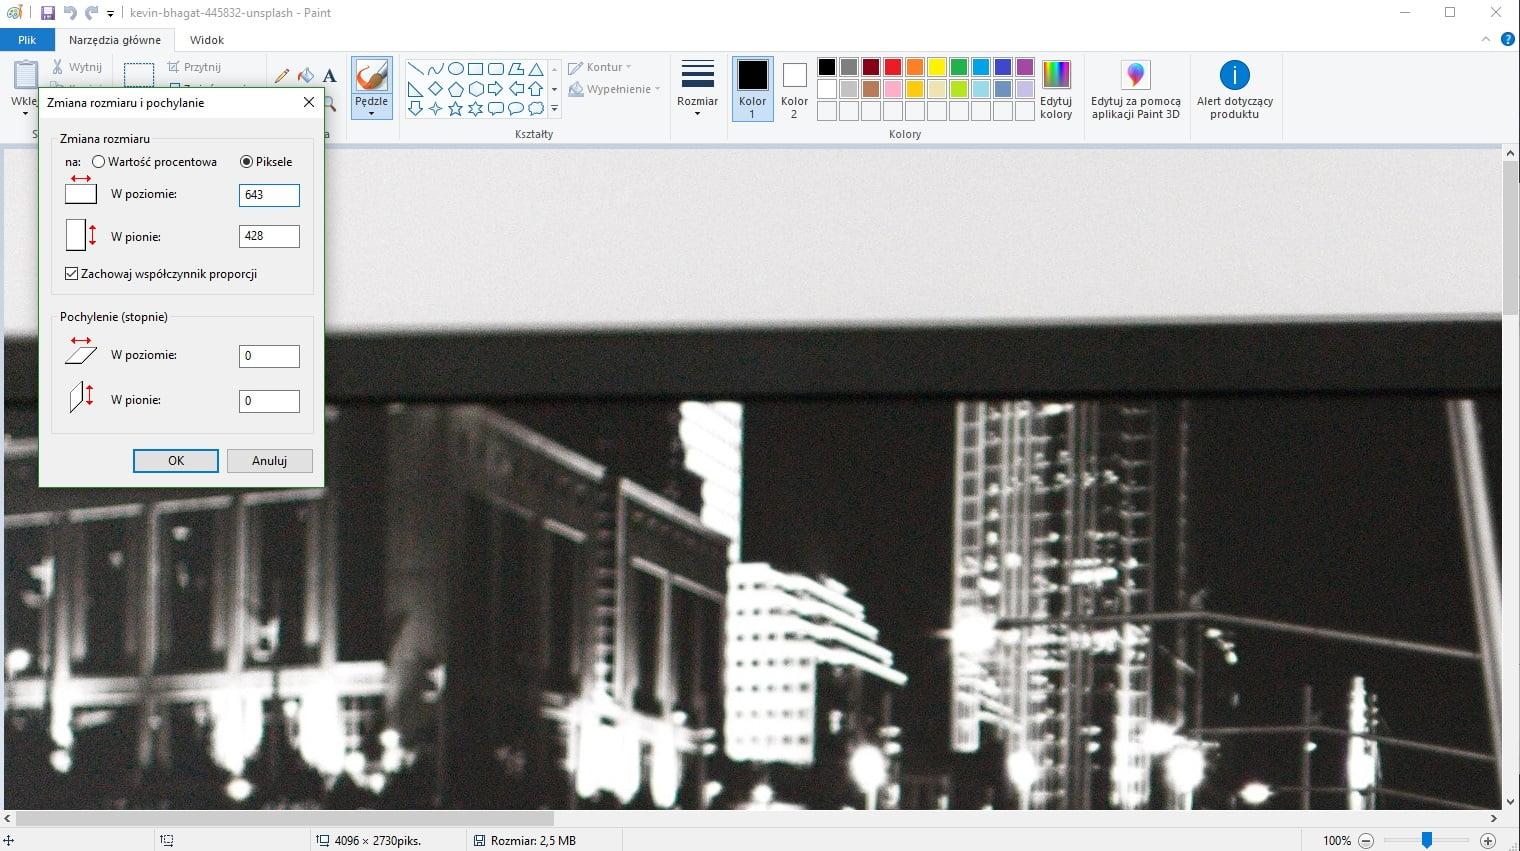 Optymalizacja zdjęć i obrazów - Wordpress - Case Study